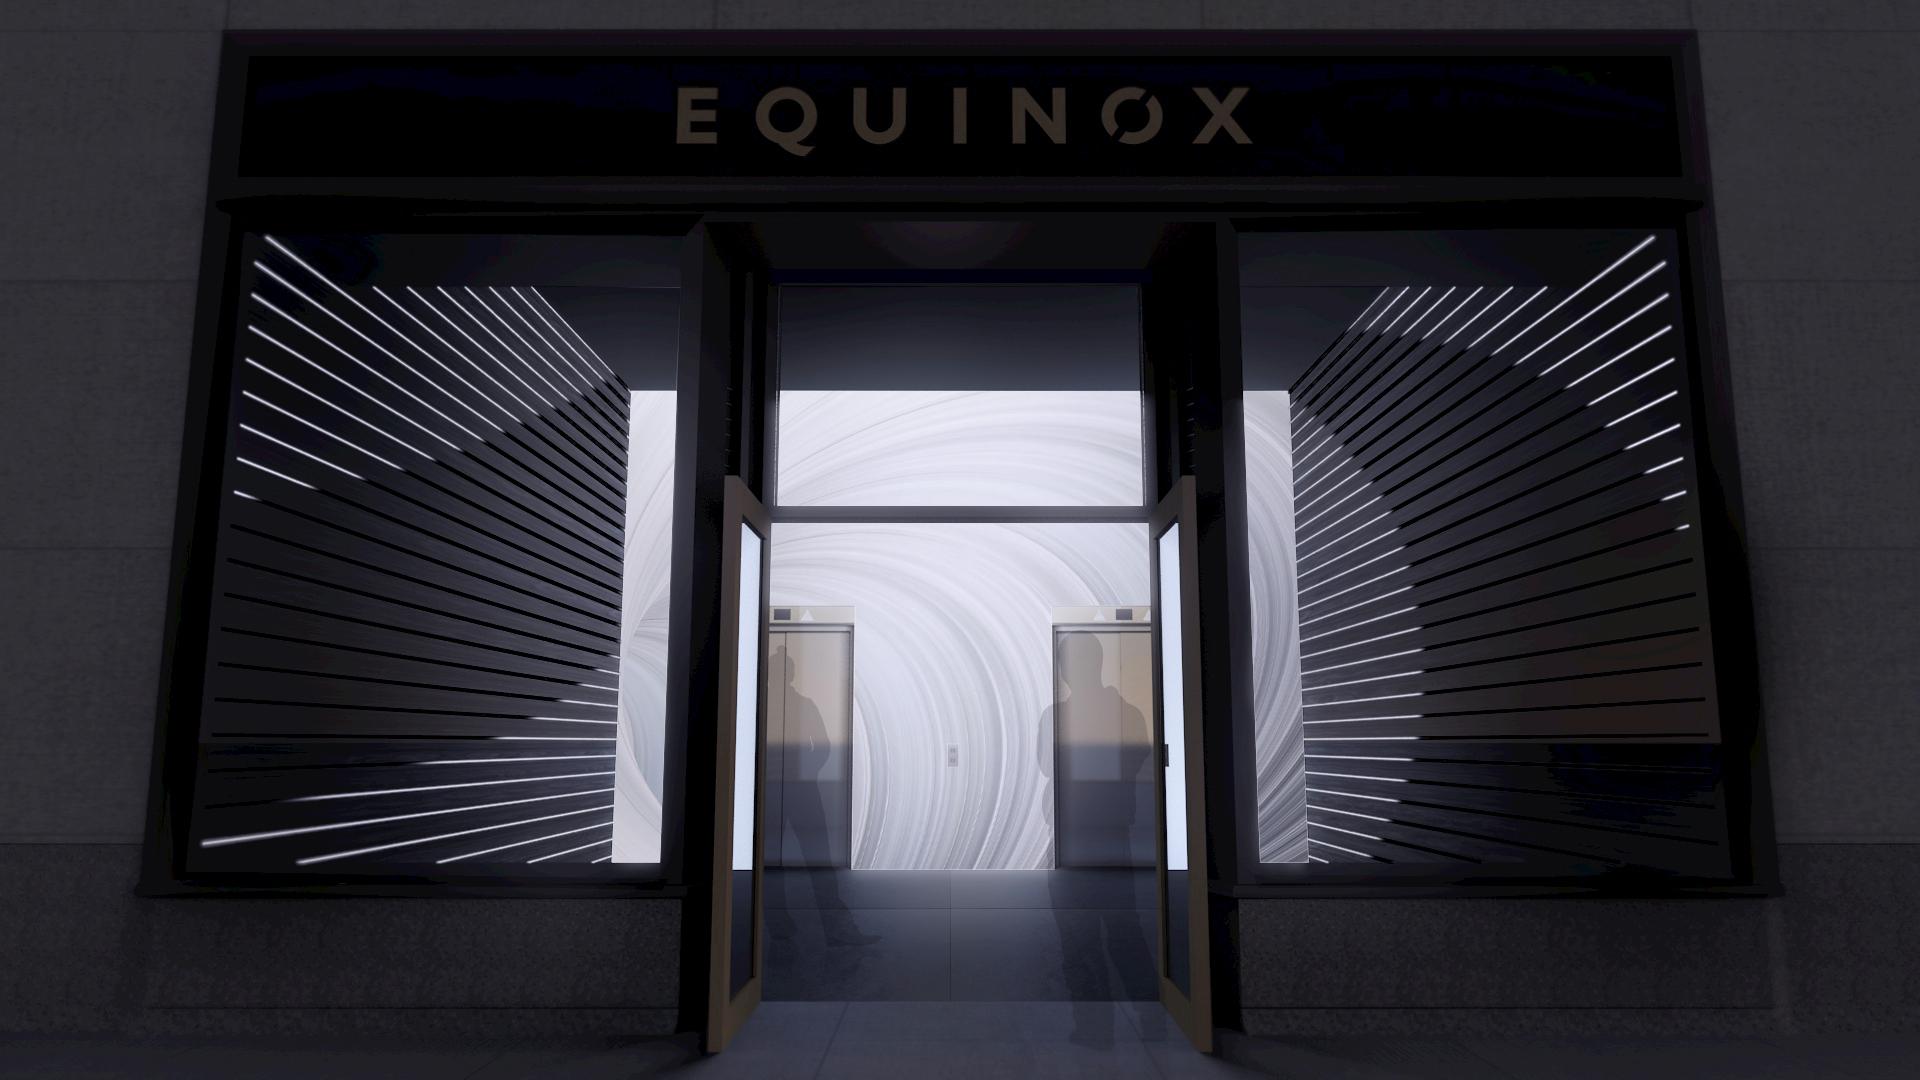 EQUINOX ENTRANCE -